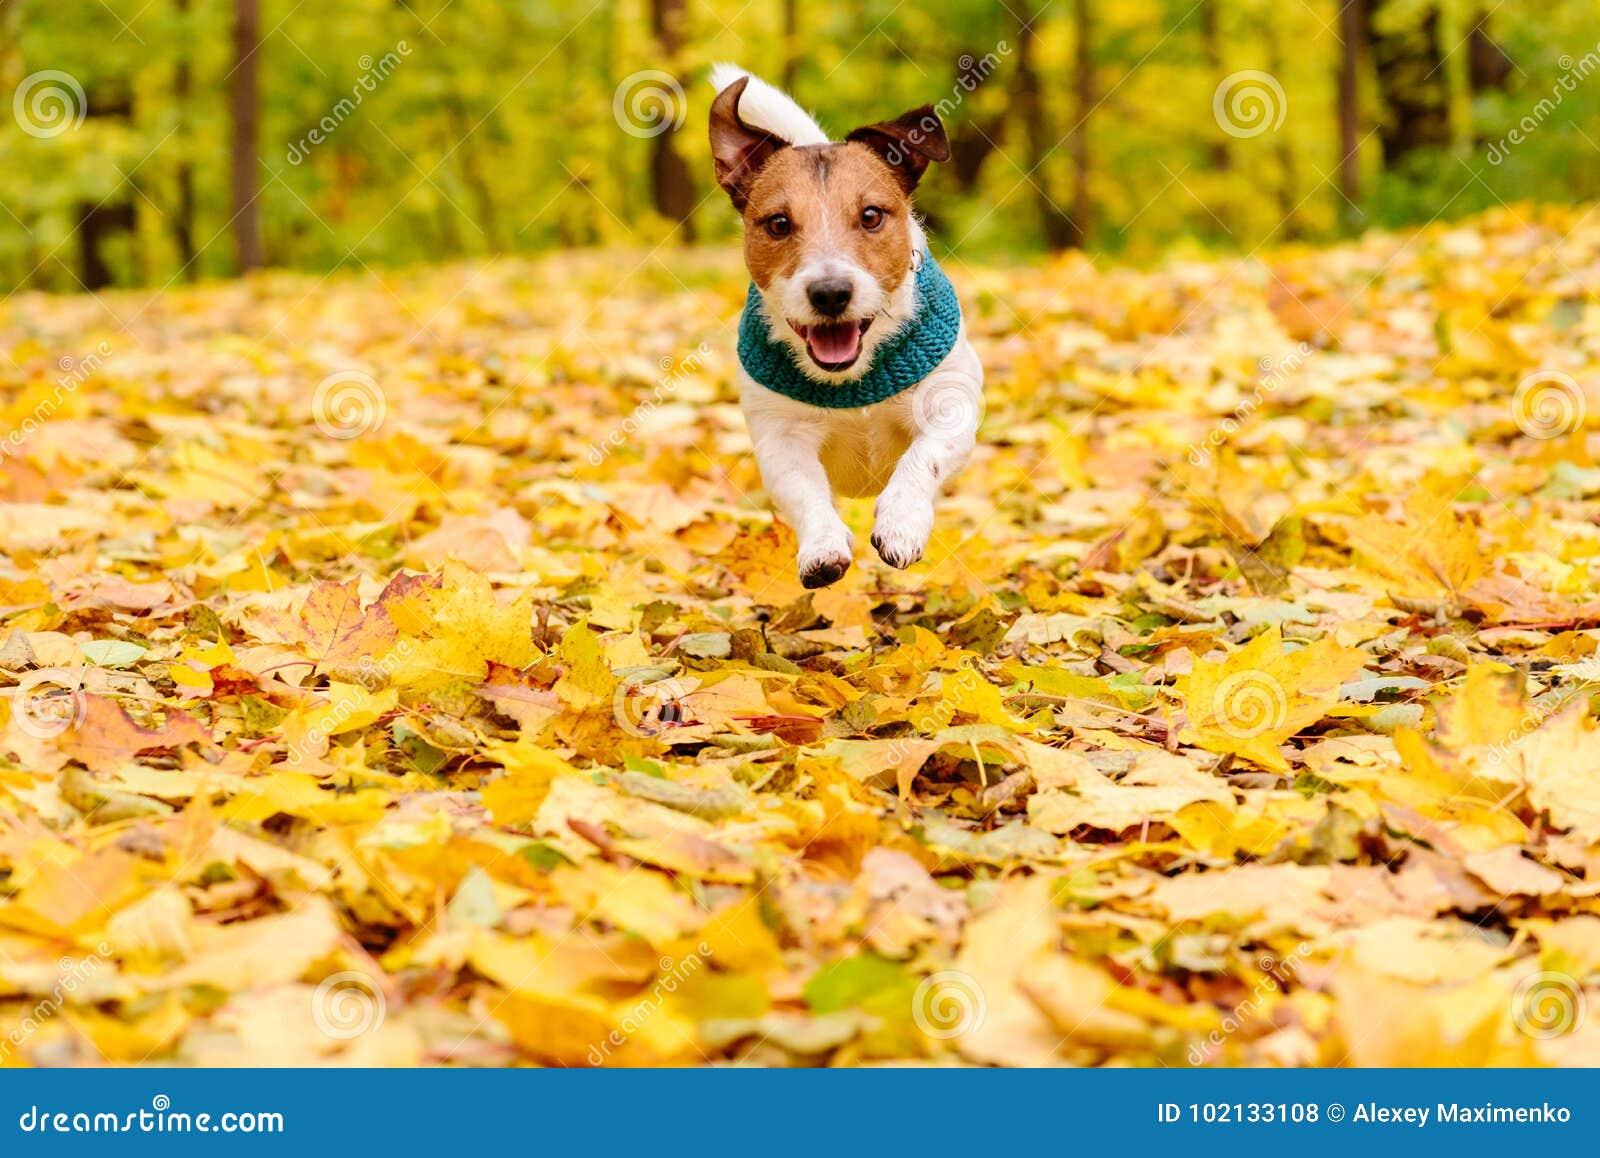 Spielerischer glücklicher Hund, der den warmen Schalldämpfer läuft am Herbstrasen trägt